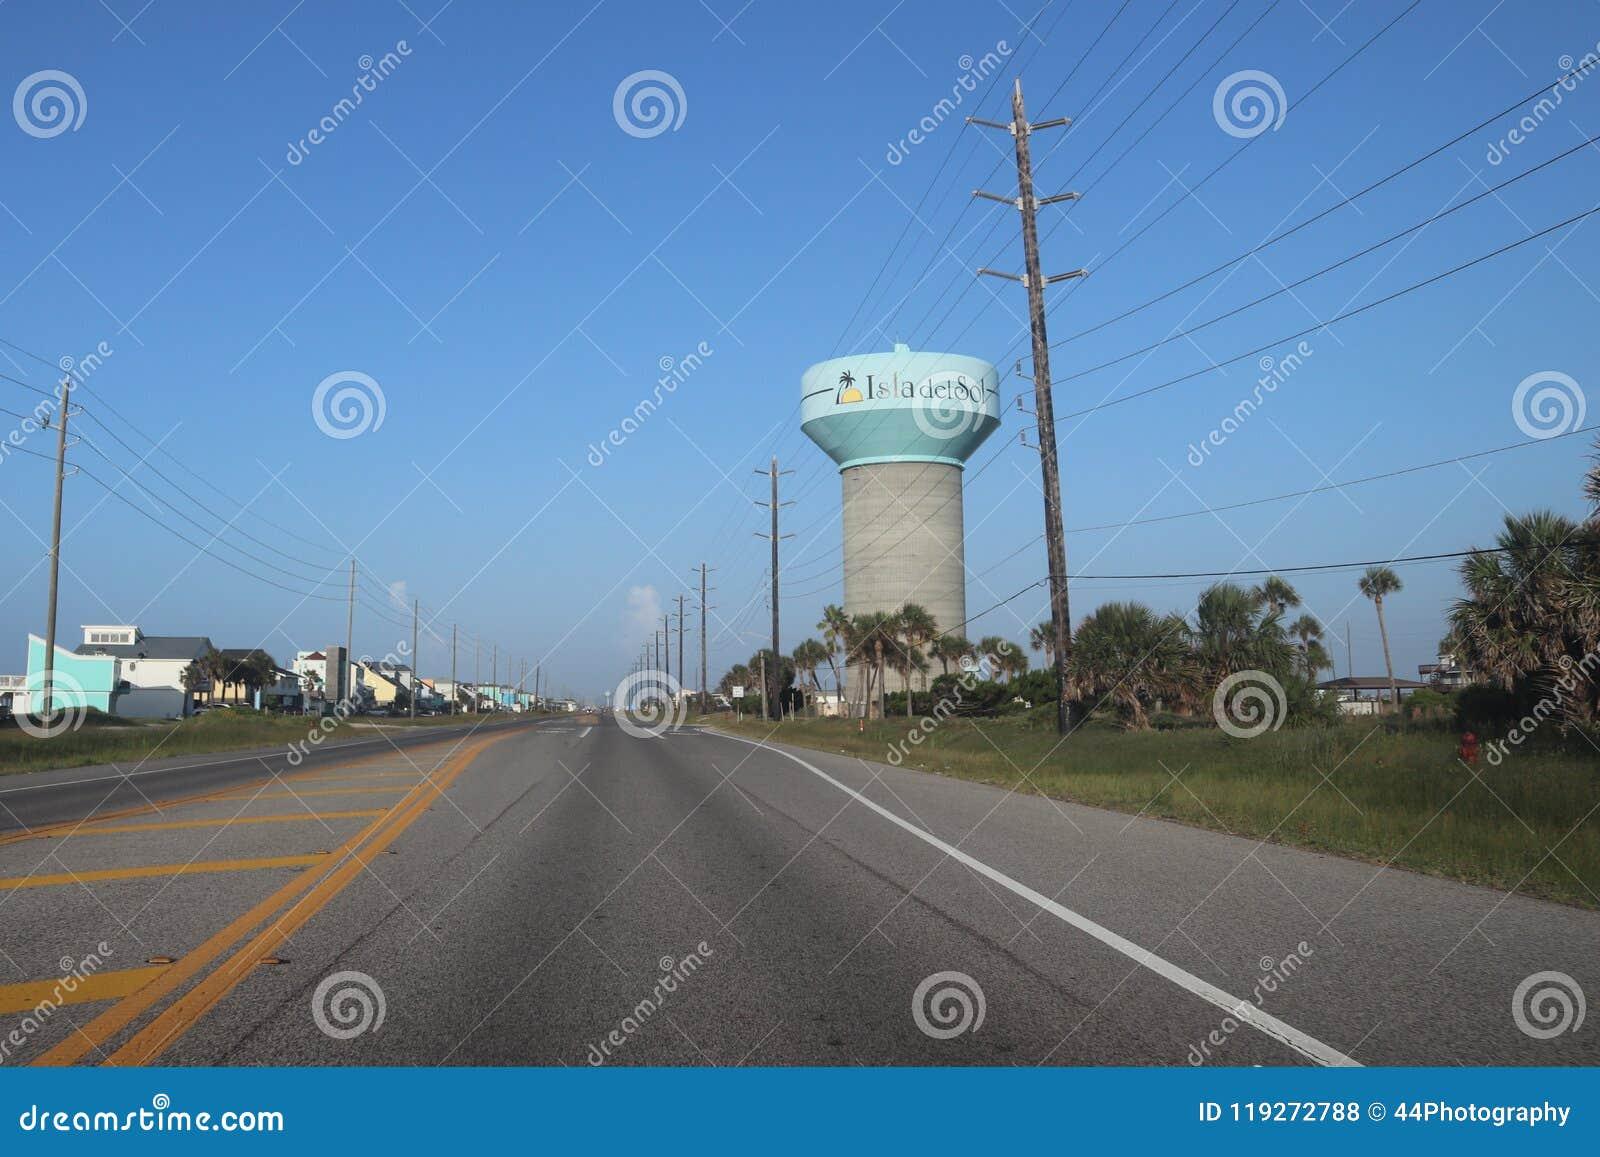 Vorstadt-Amerika, Texas, Vereinigte Staaten Perspektivenlandschaftsansicht einer Straße, der Landstraße mit Wasserturm und der St